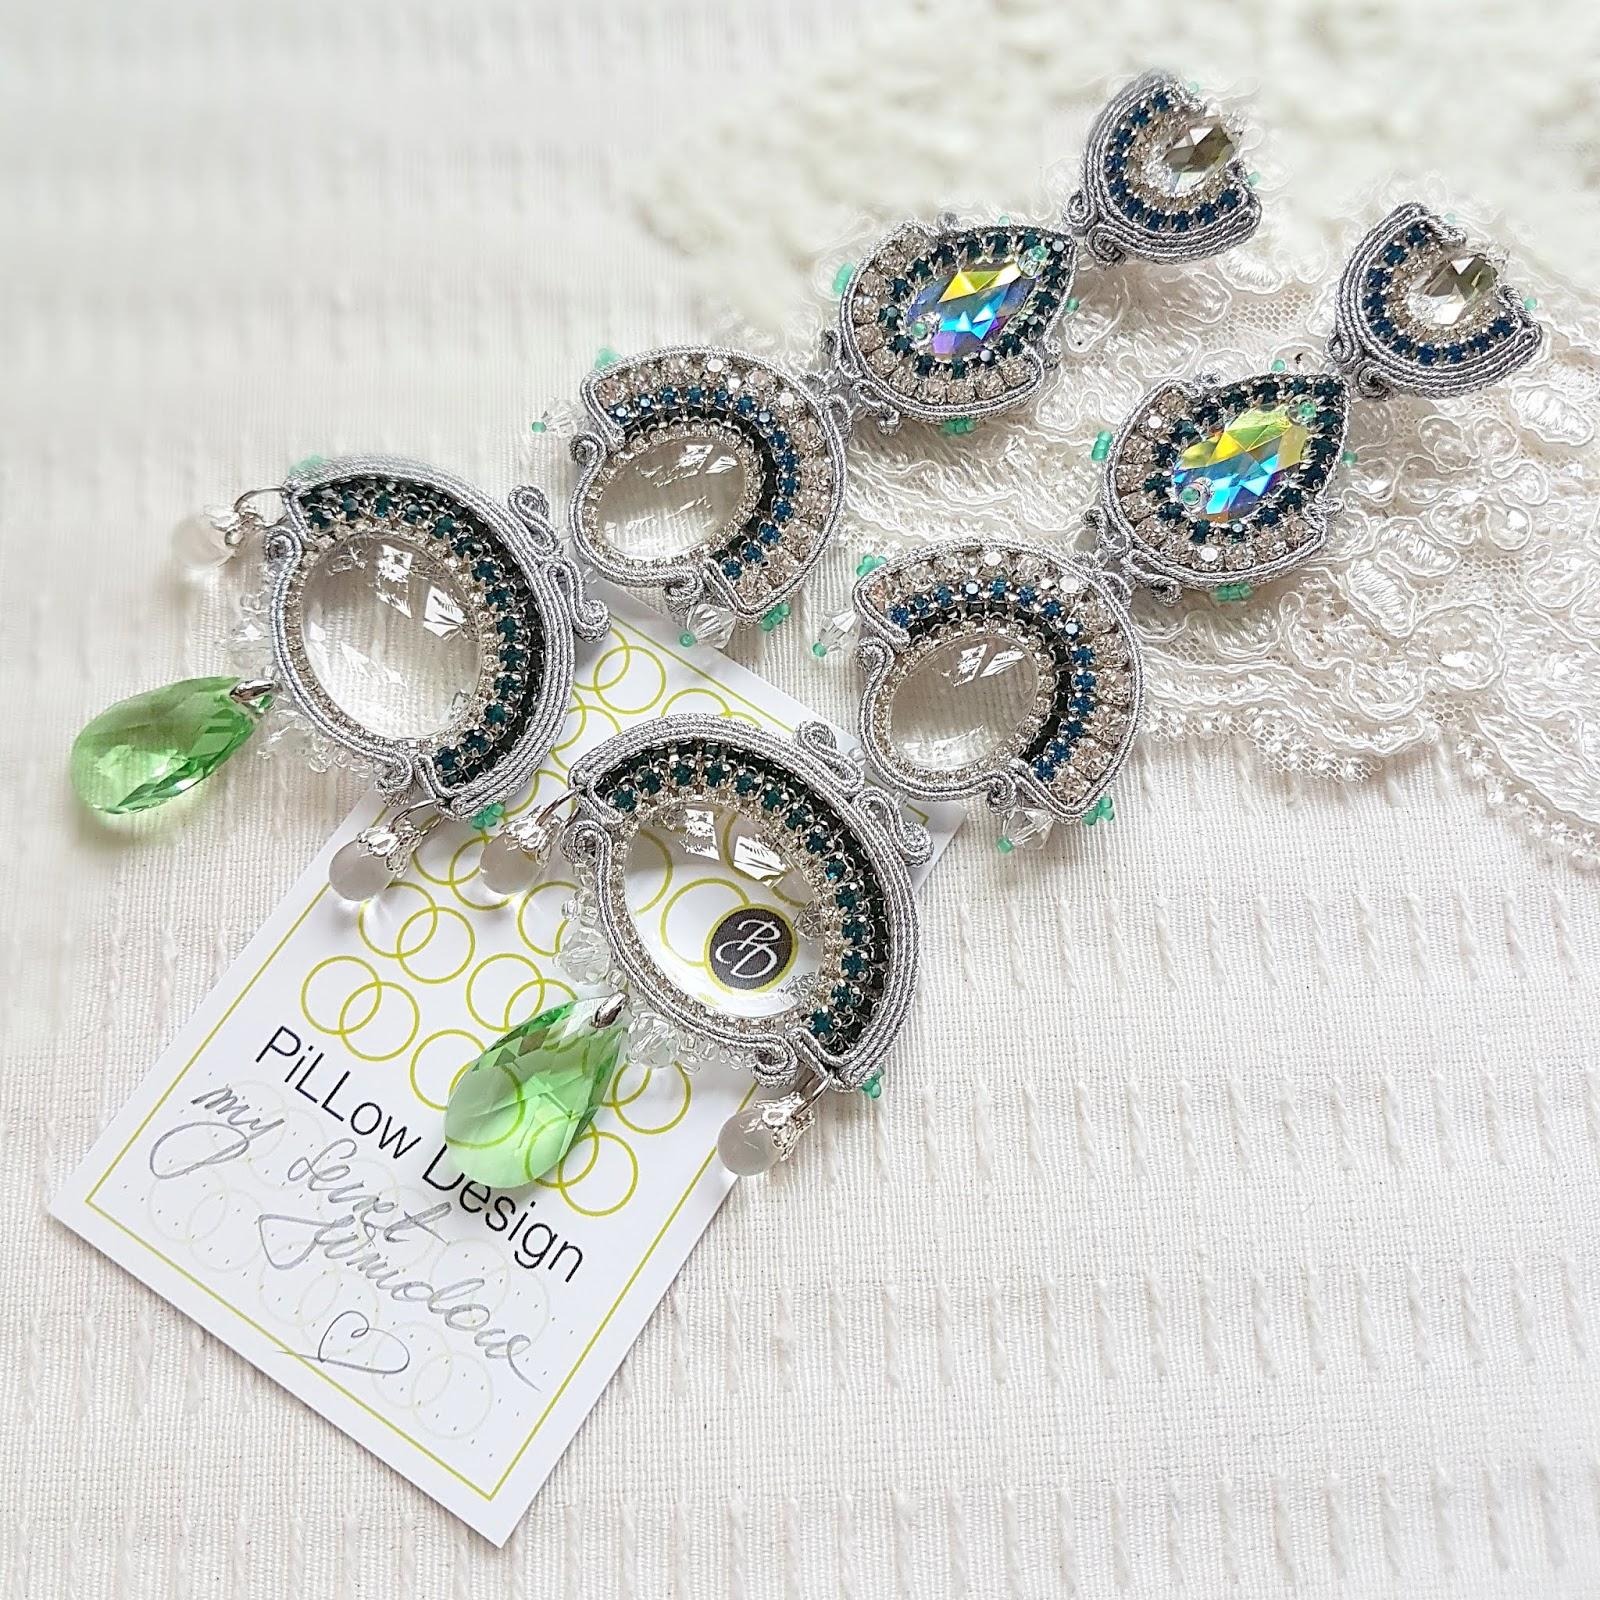 Kolczyki na ślub cywilny, srebro i zieleń.